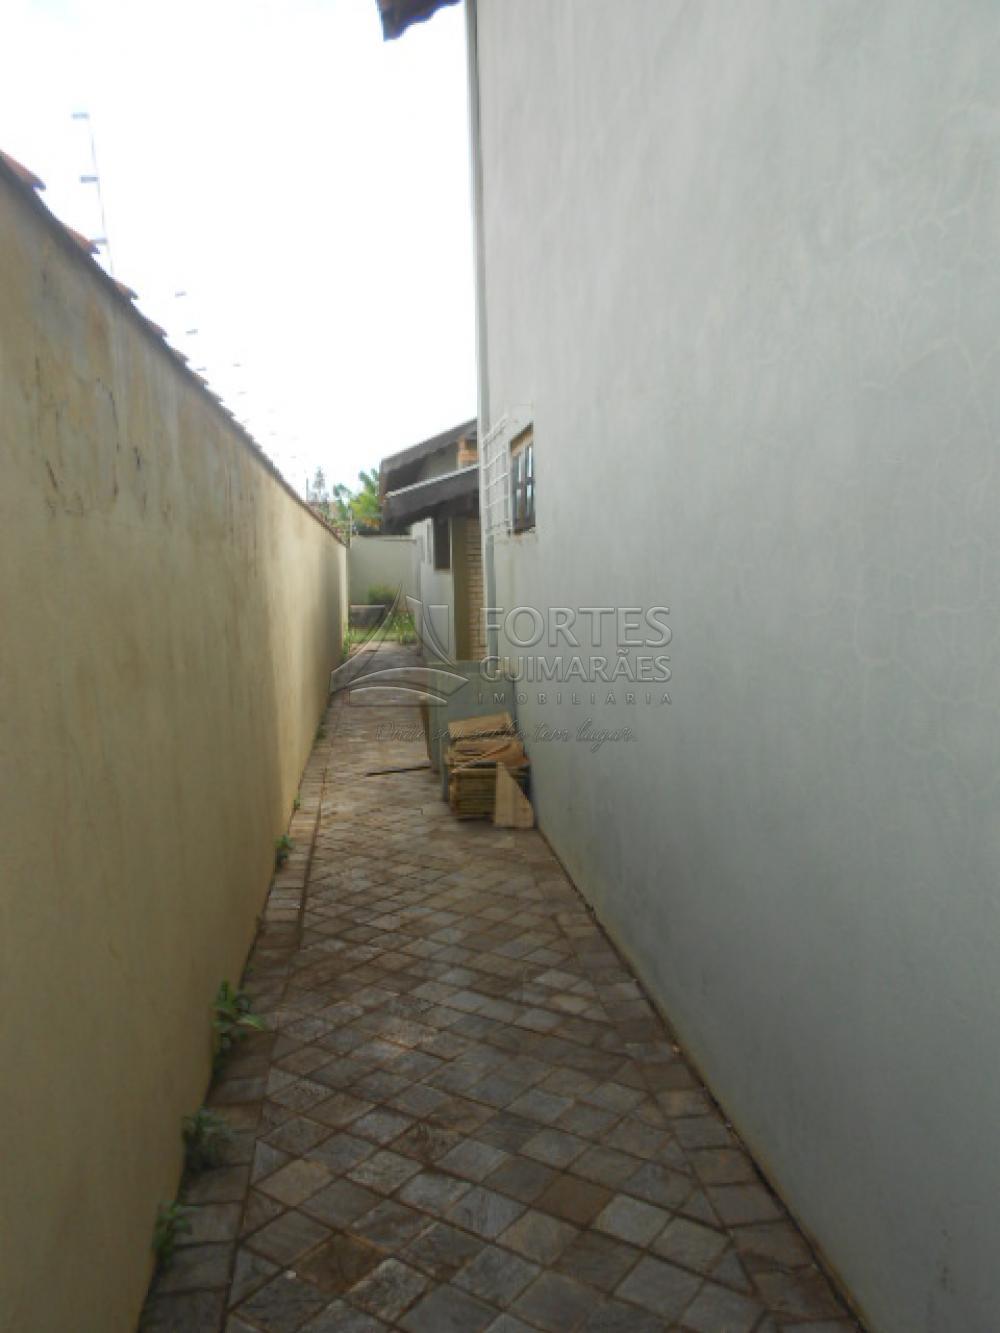 Alugar Casas / Padrão em Ribeirão Preto apenas R$ 12.000,00 - Foto 54